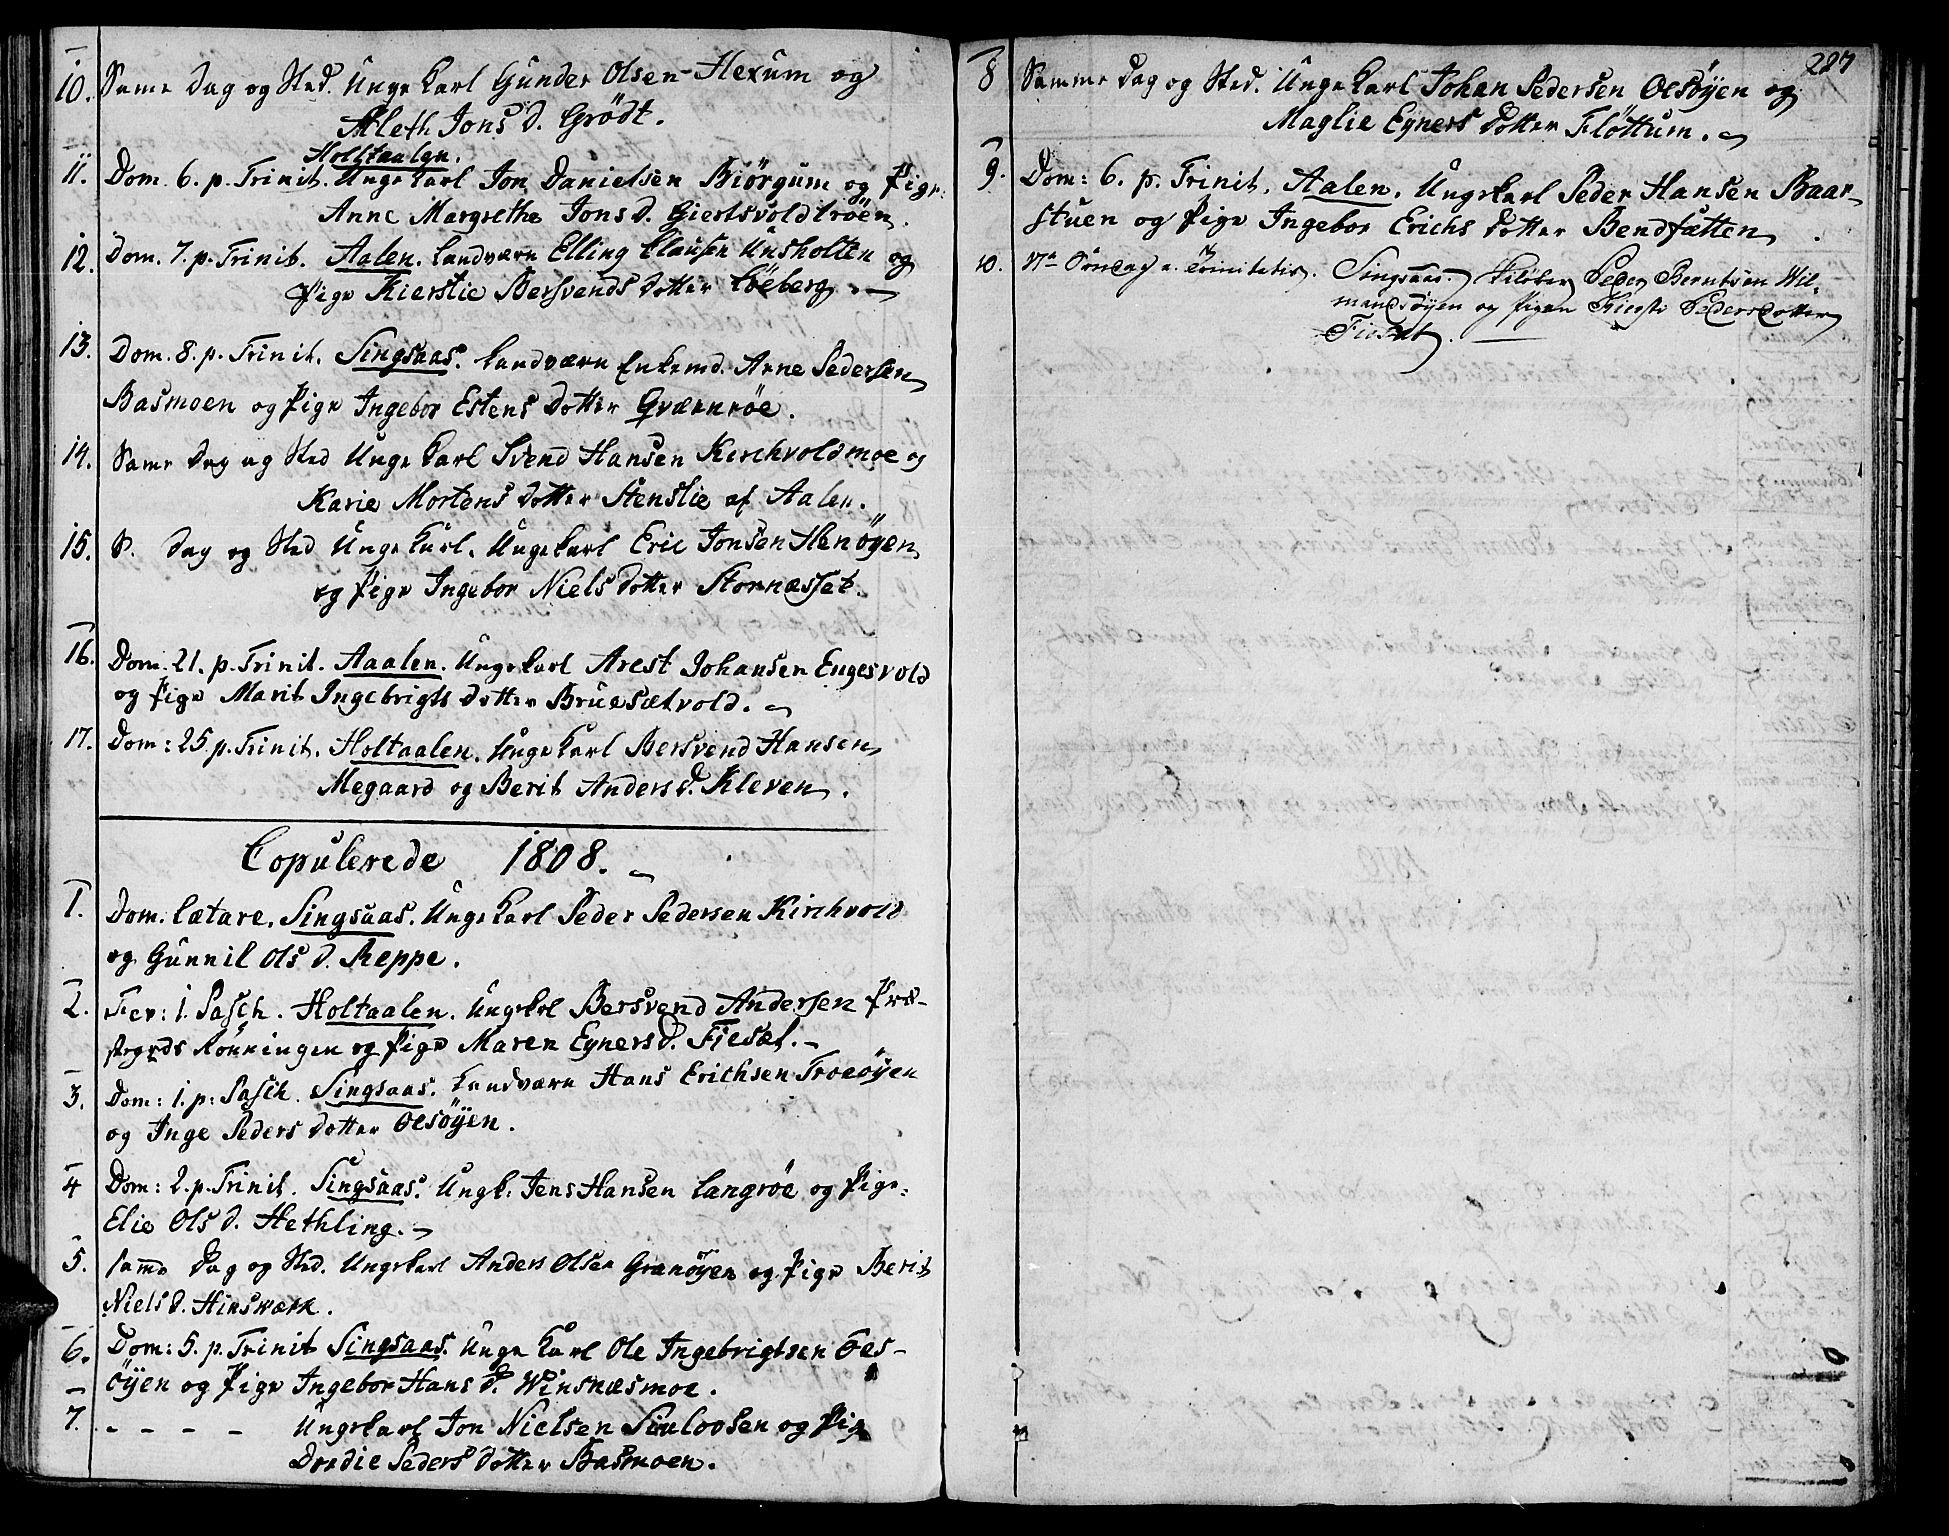 SAT, Ministerialprotokoller, klokkerbøker og fødselsregistre - Sør-Trøndelag, 685/L0953: Ministerialbok nr. 685A02, 1805-1816, s. 227